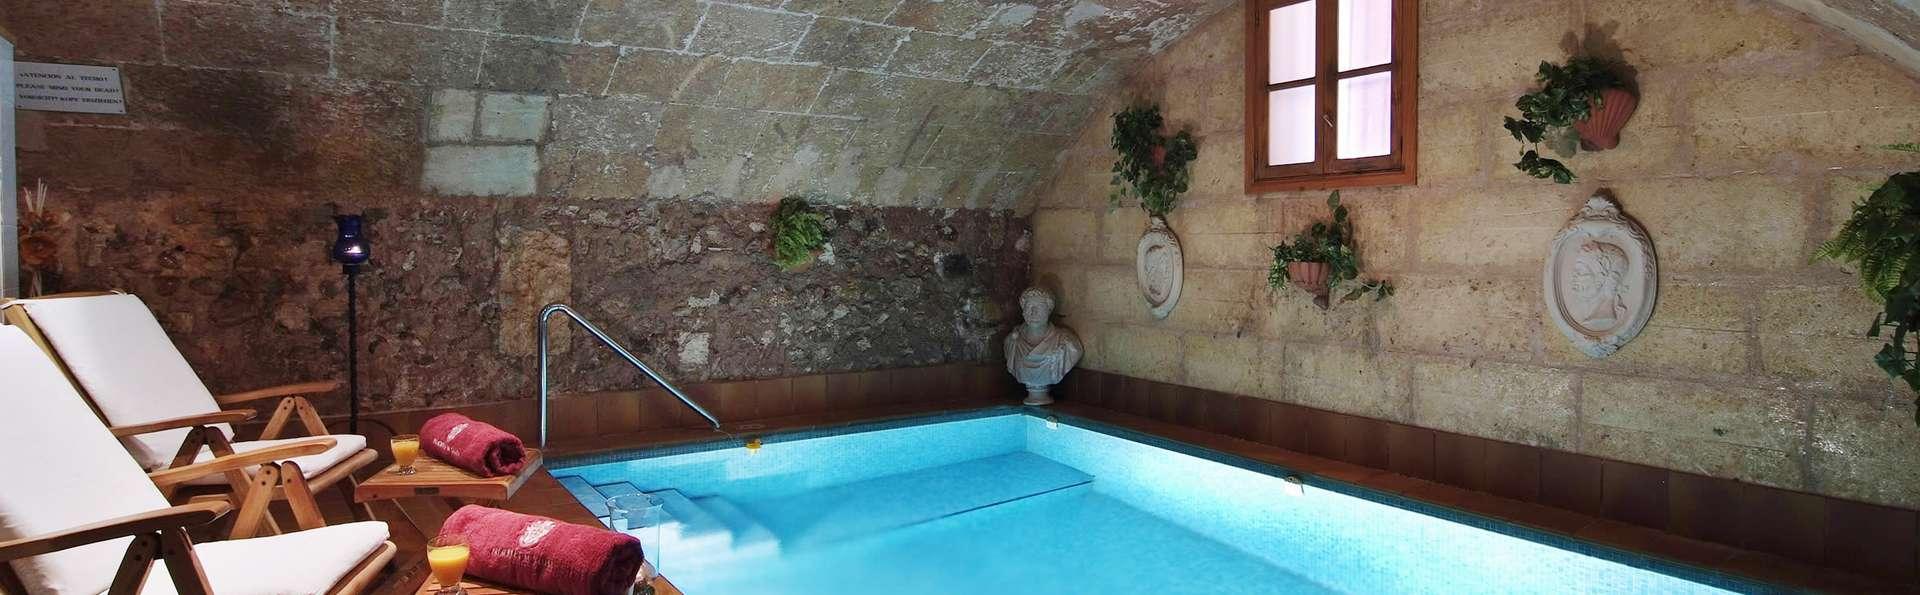 Hotel Palacio Ca Sa Galesa - Spa__1_.jpg